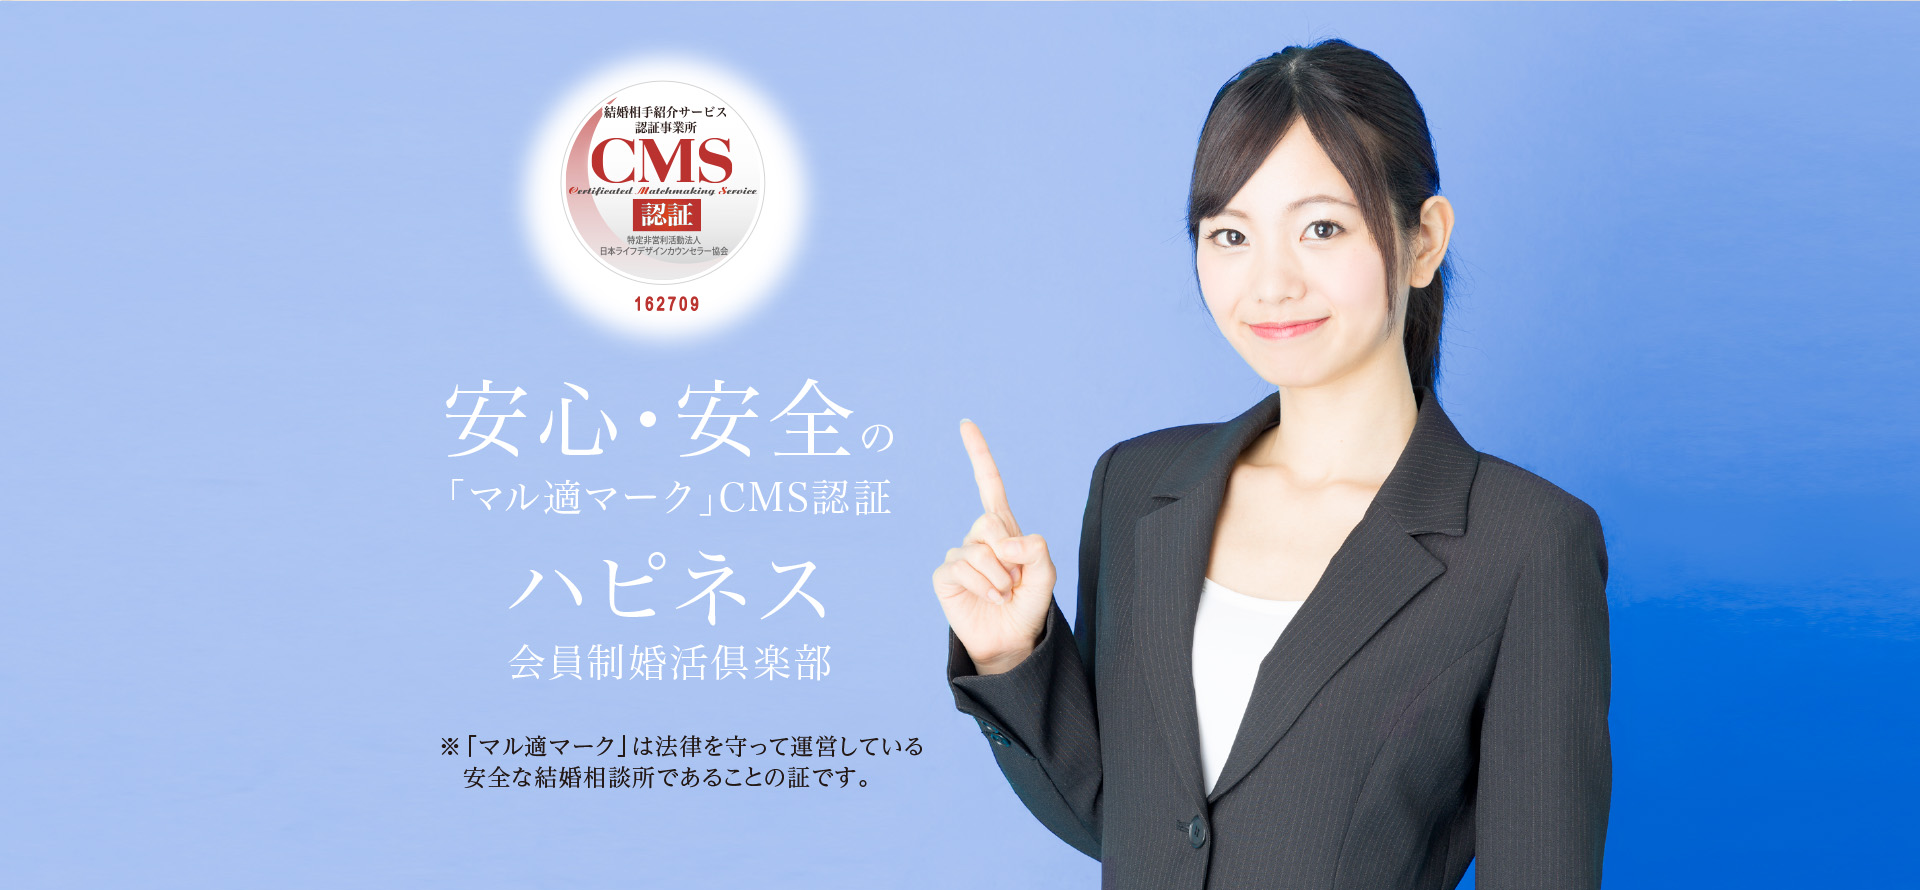 安心・安全の「マル適マーク」CMS認証取得